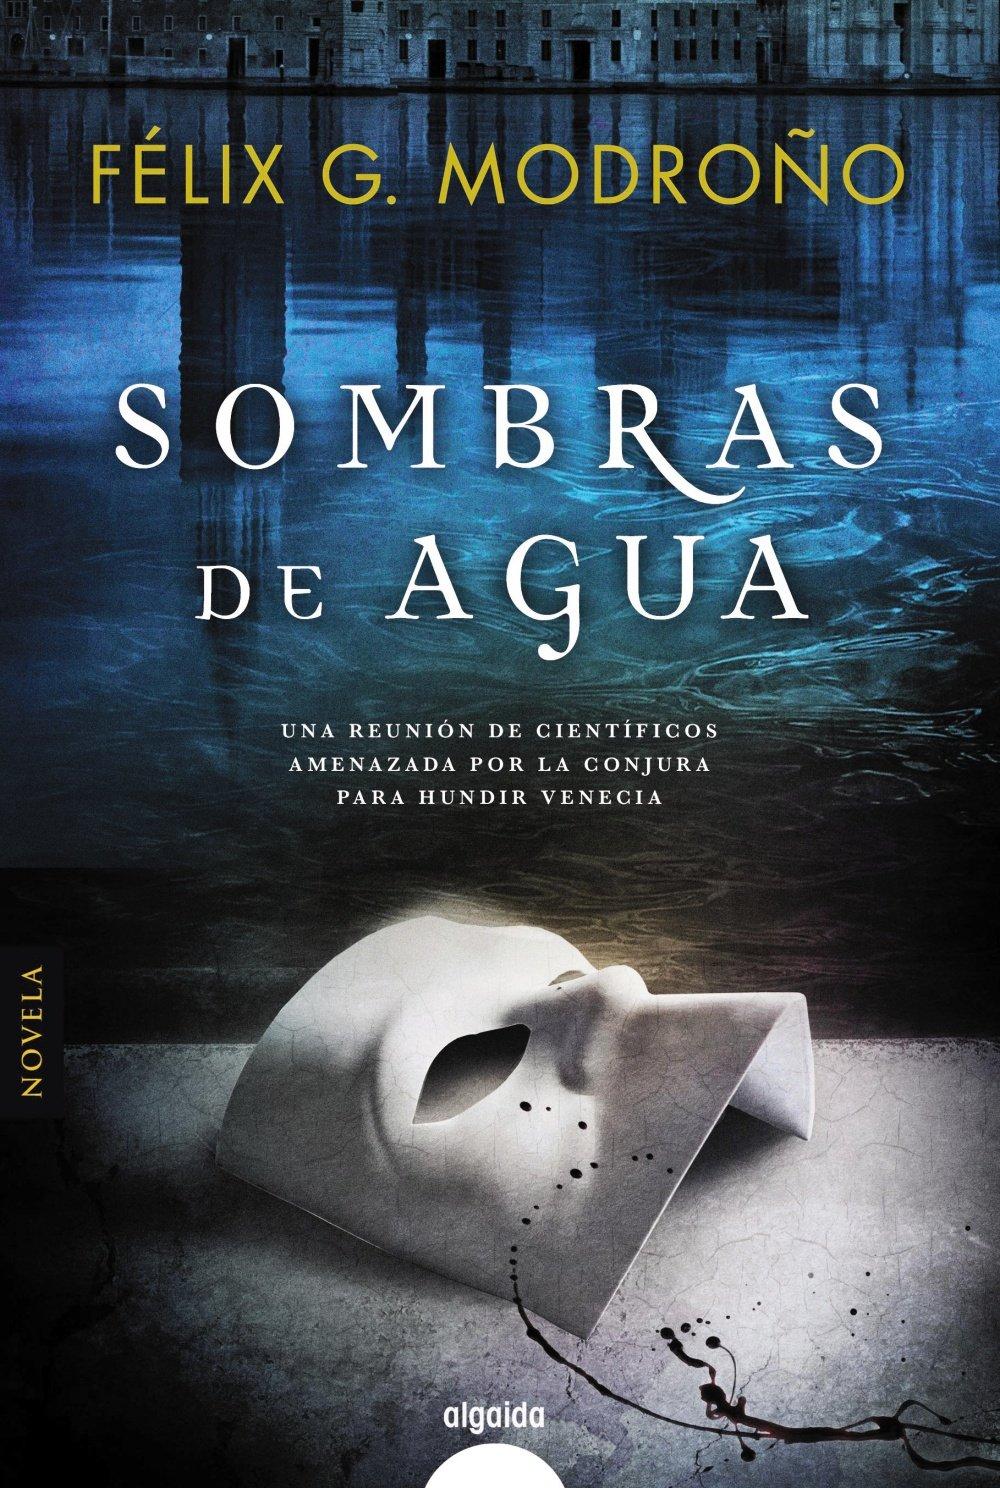 Sombras de agua Félix G. Modroño